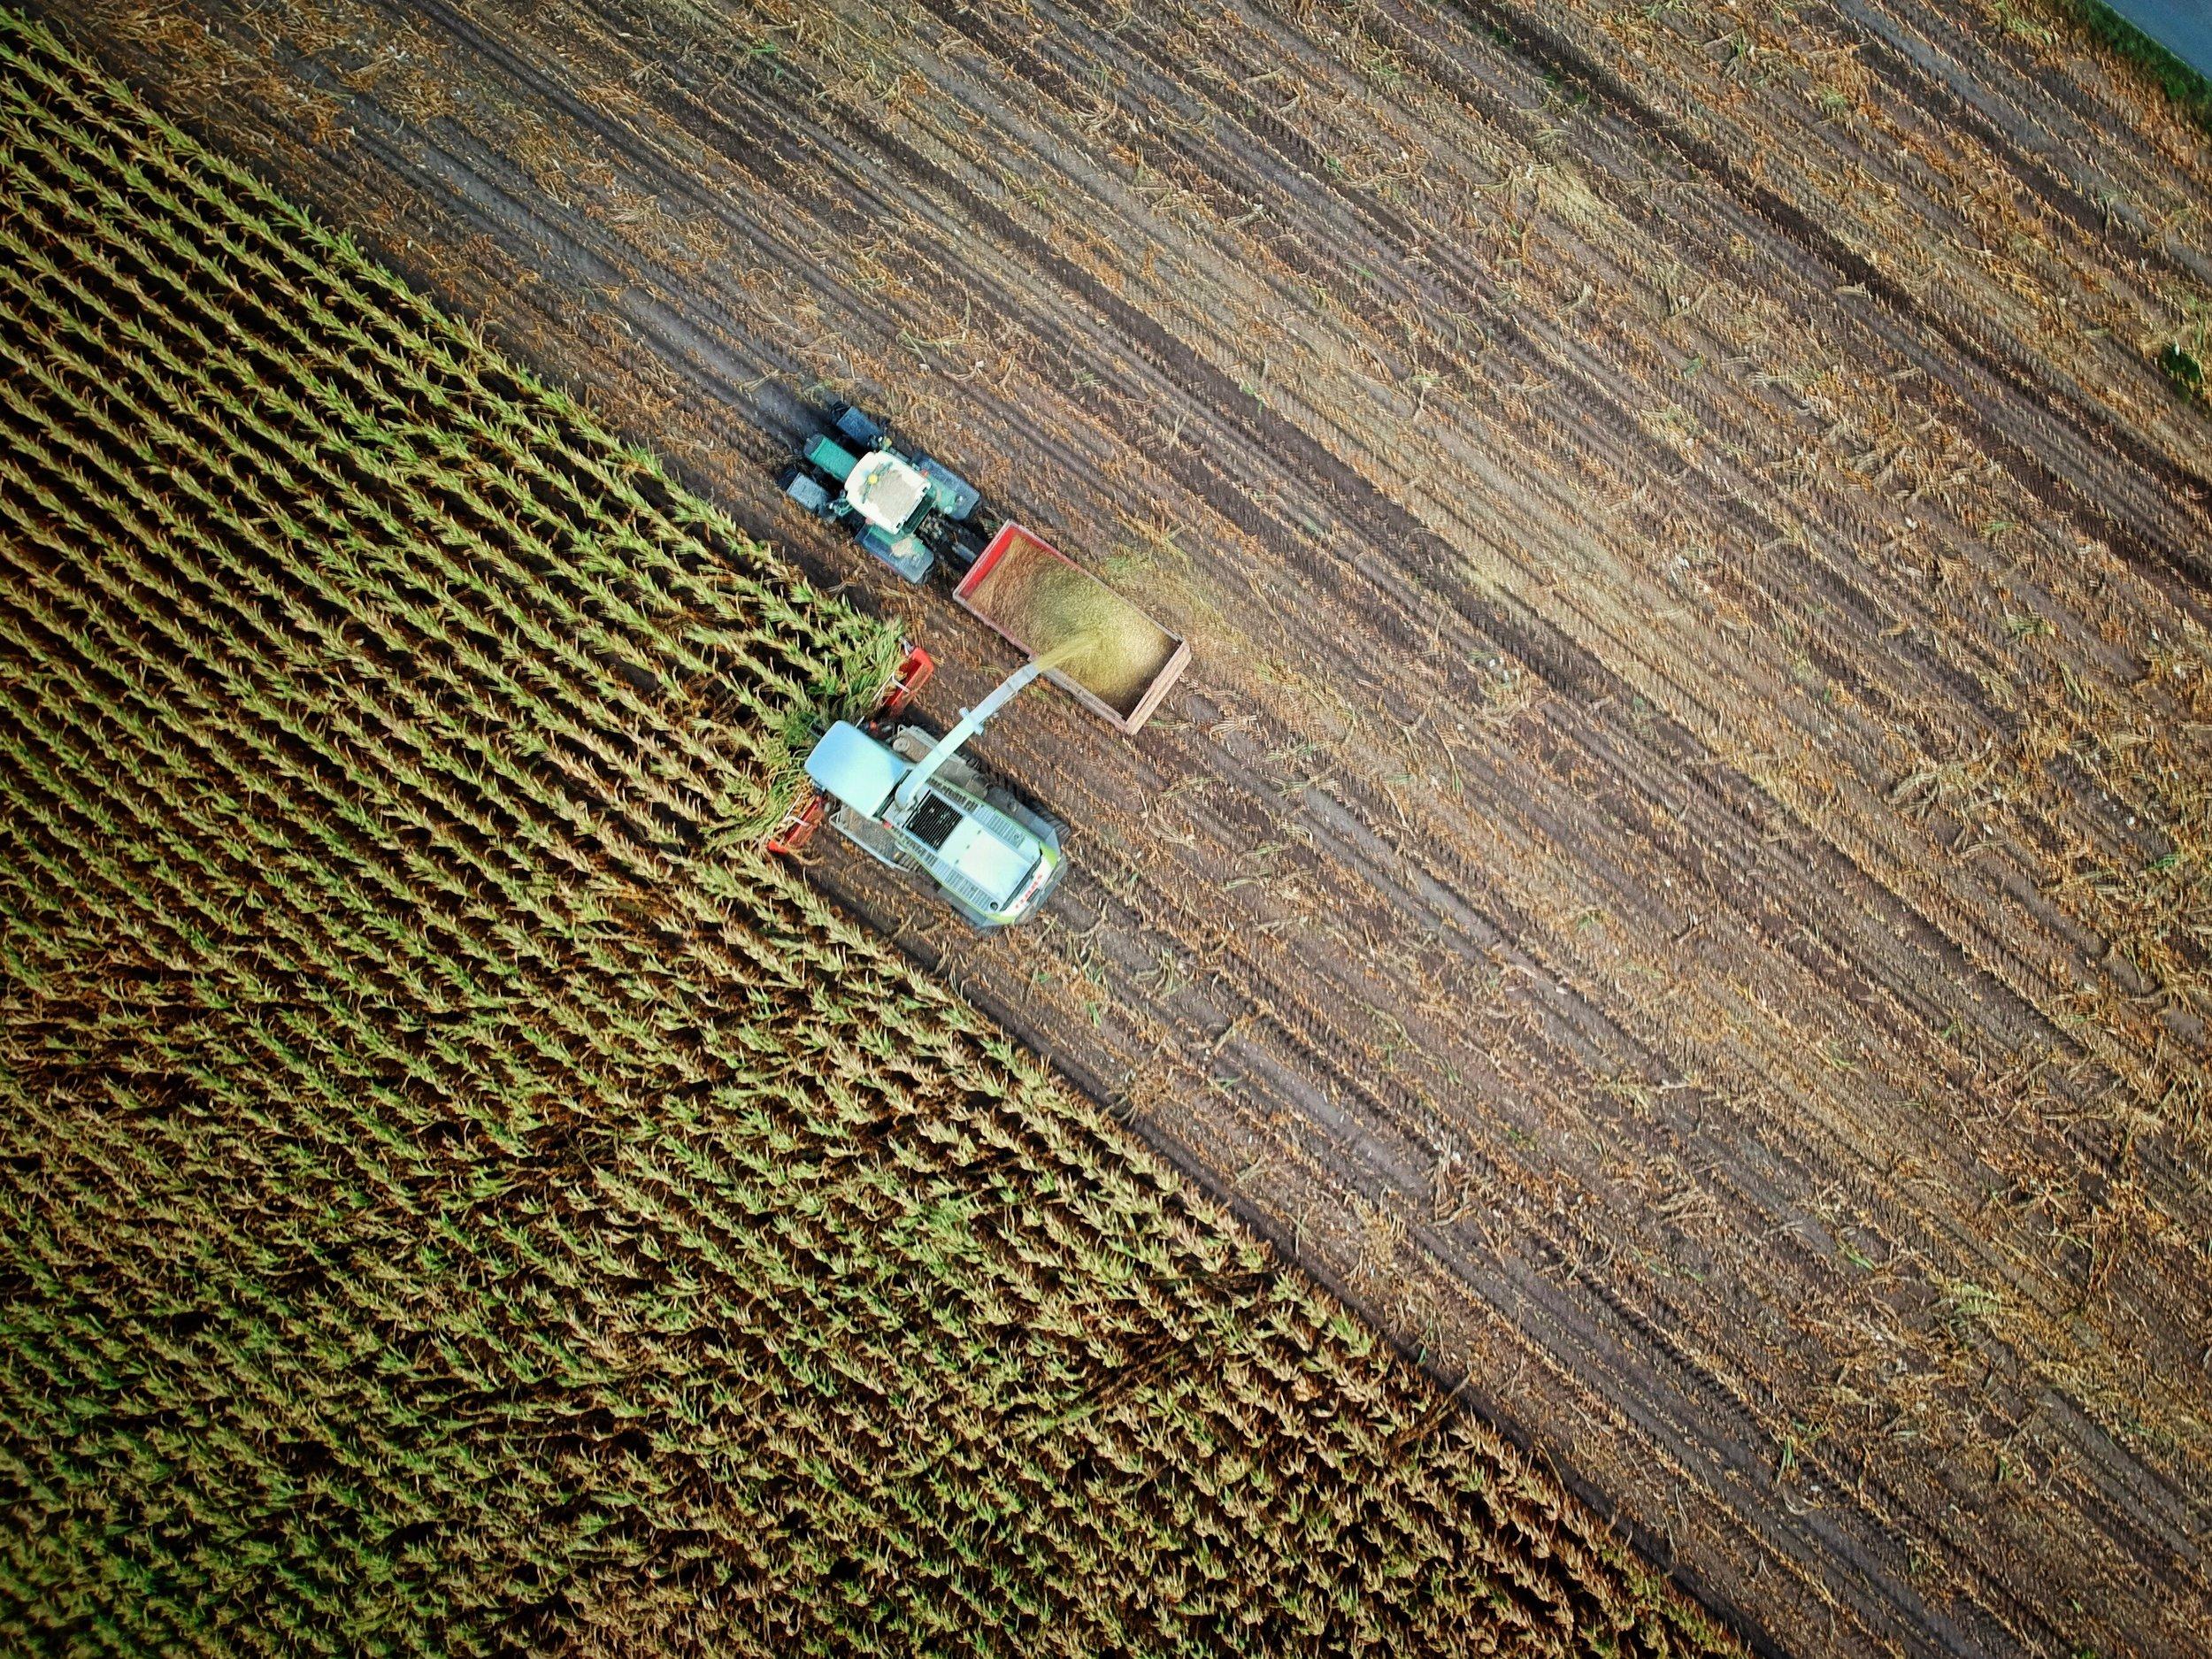 Speakers:  Jane Hunter BSc (Hons), ACILA, DIP CII, BDMA Ins Tech  Loss Adjuster - Agricultural, Rural Industries & Estates Losses (ARIEL)  Crawford & Company Adjusters (UK) LTD   Max Perris BPREA, Cert CILA  Agricultural Consultant  Crawford & Company Adjusters (UK) LTD